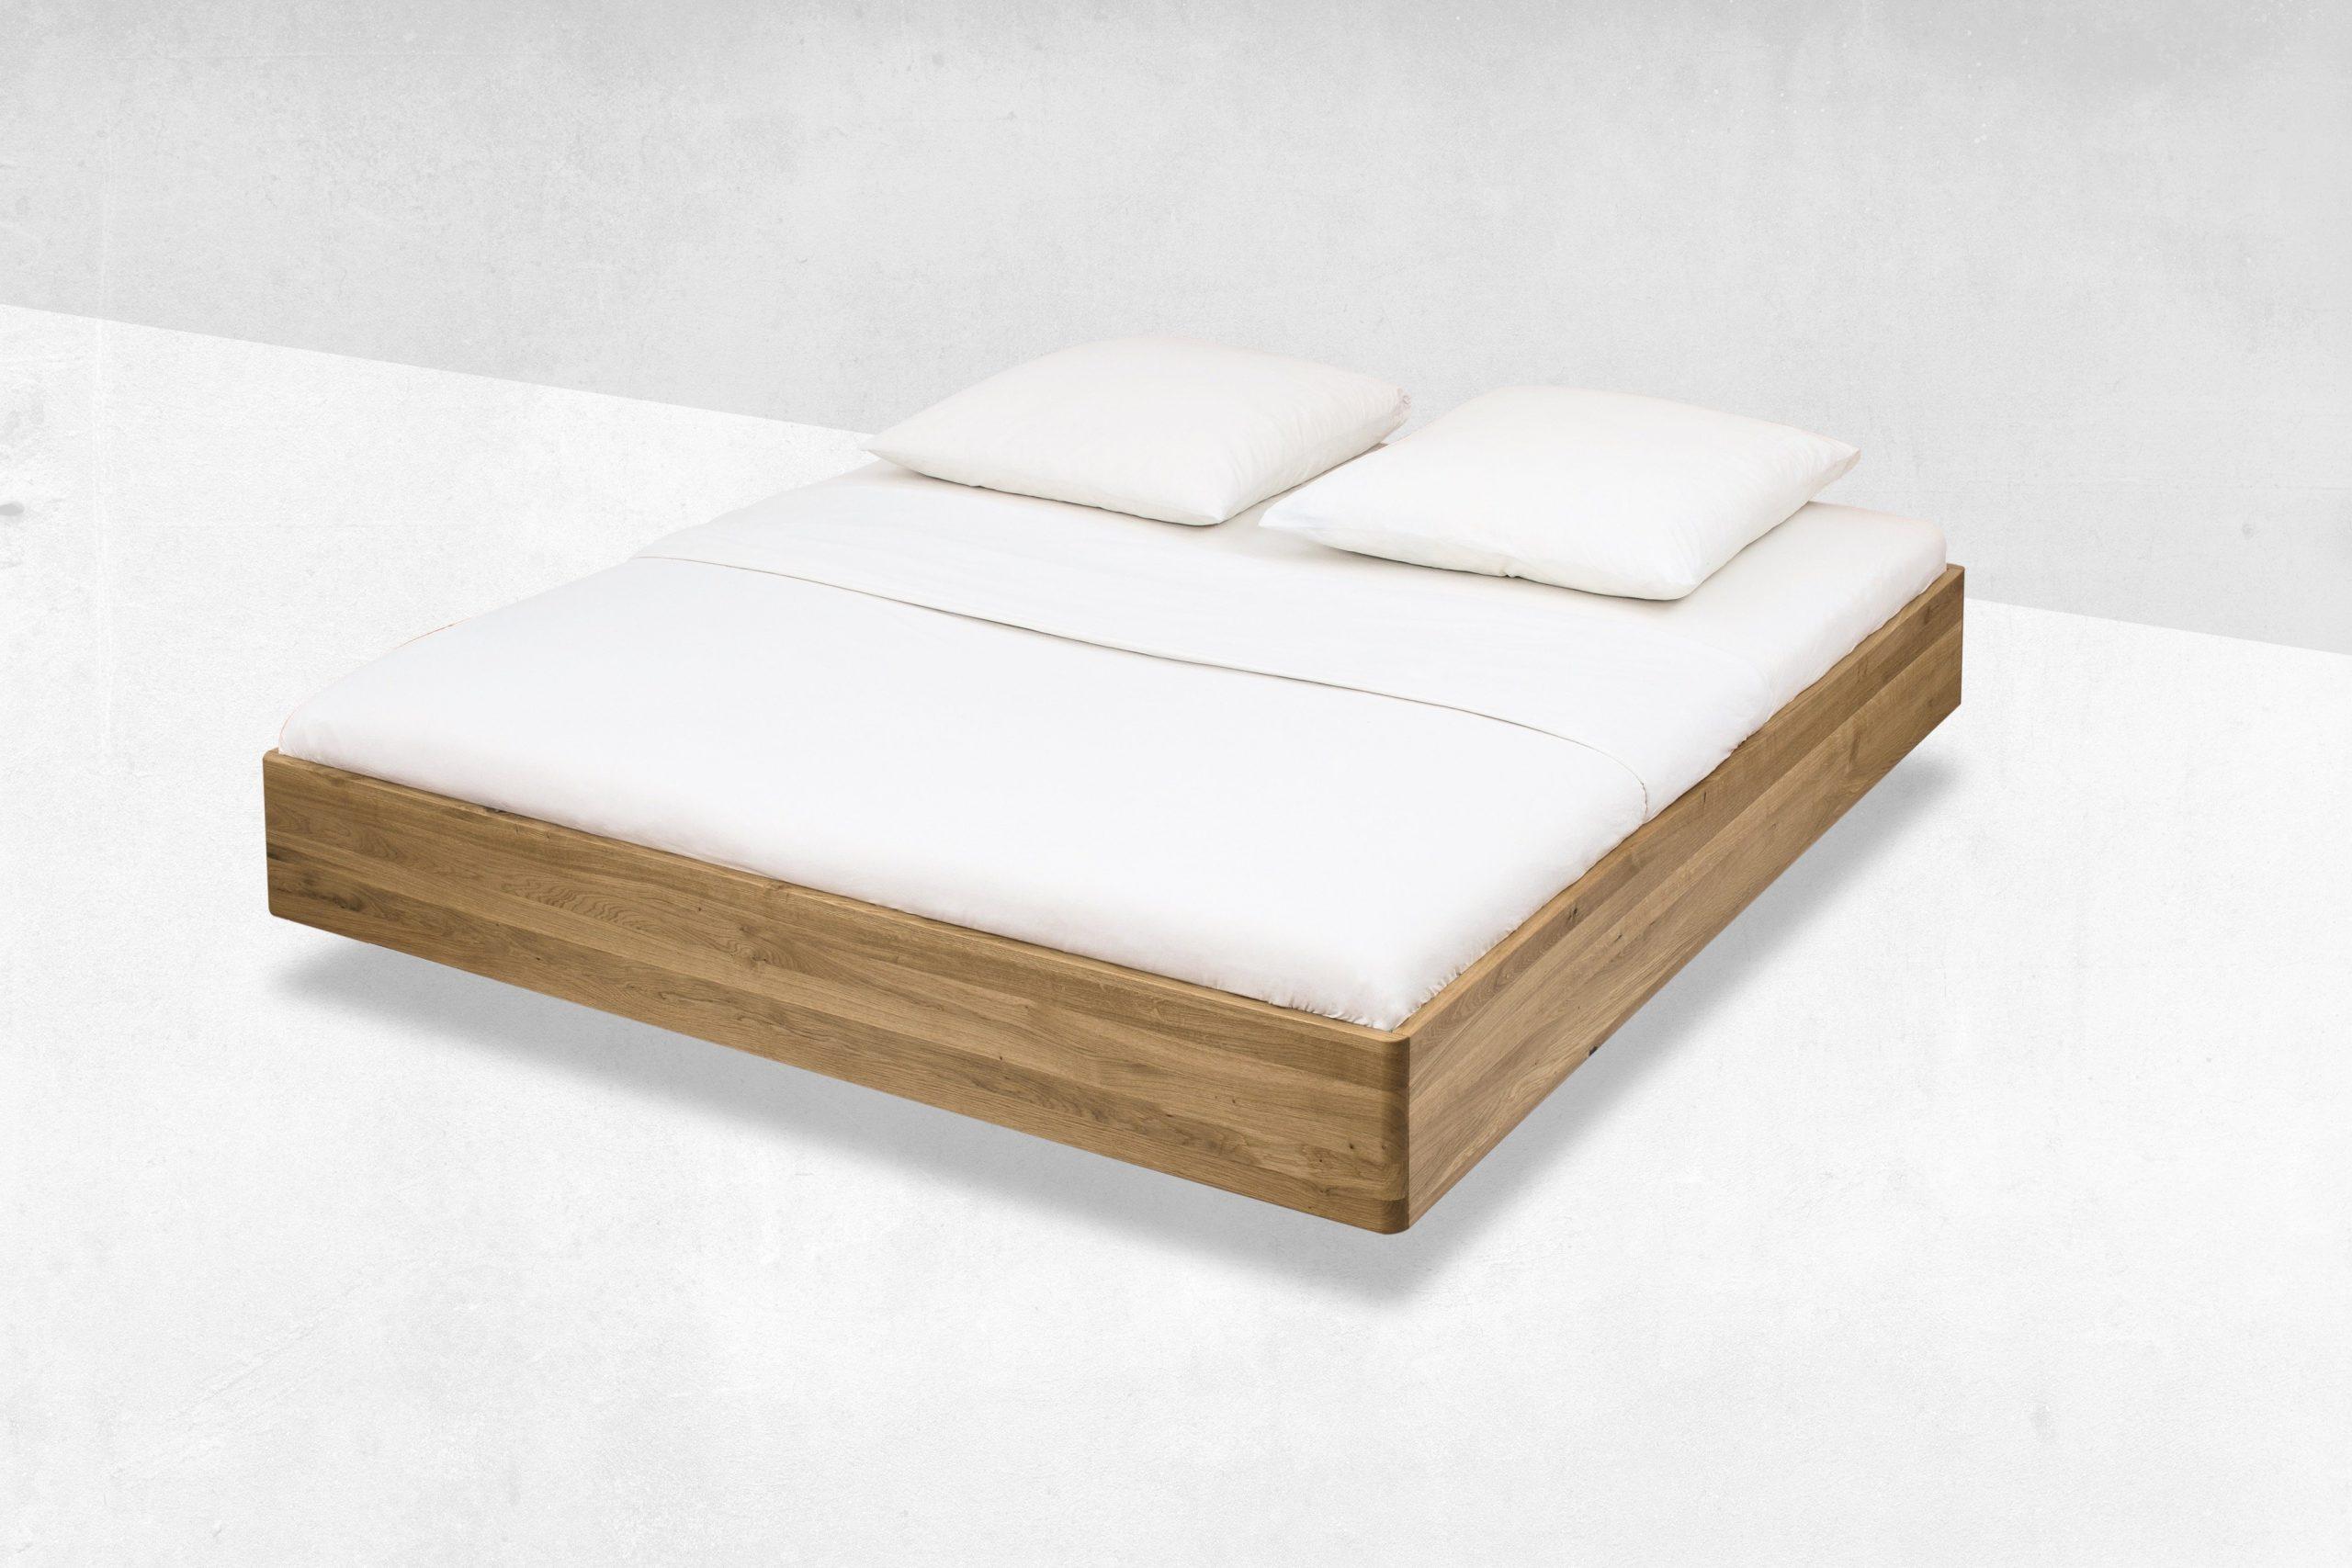 Full Size of Pappbett Ikea Bett Minimalistisch Schwebebett Aus Massiver Eiche Landhaus Betten Küche Kosten Sofa Mit Schlaffunktion Bei Miniküche 160x200 Kaufen Wohnzimmer Pappbett Ikea